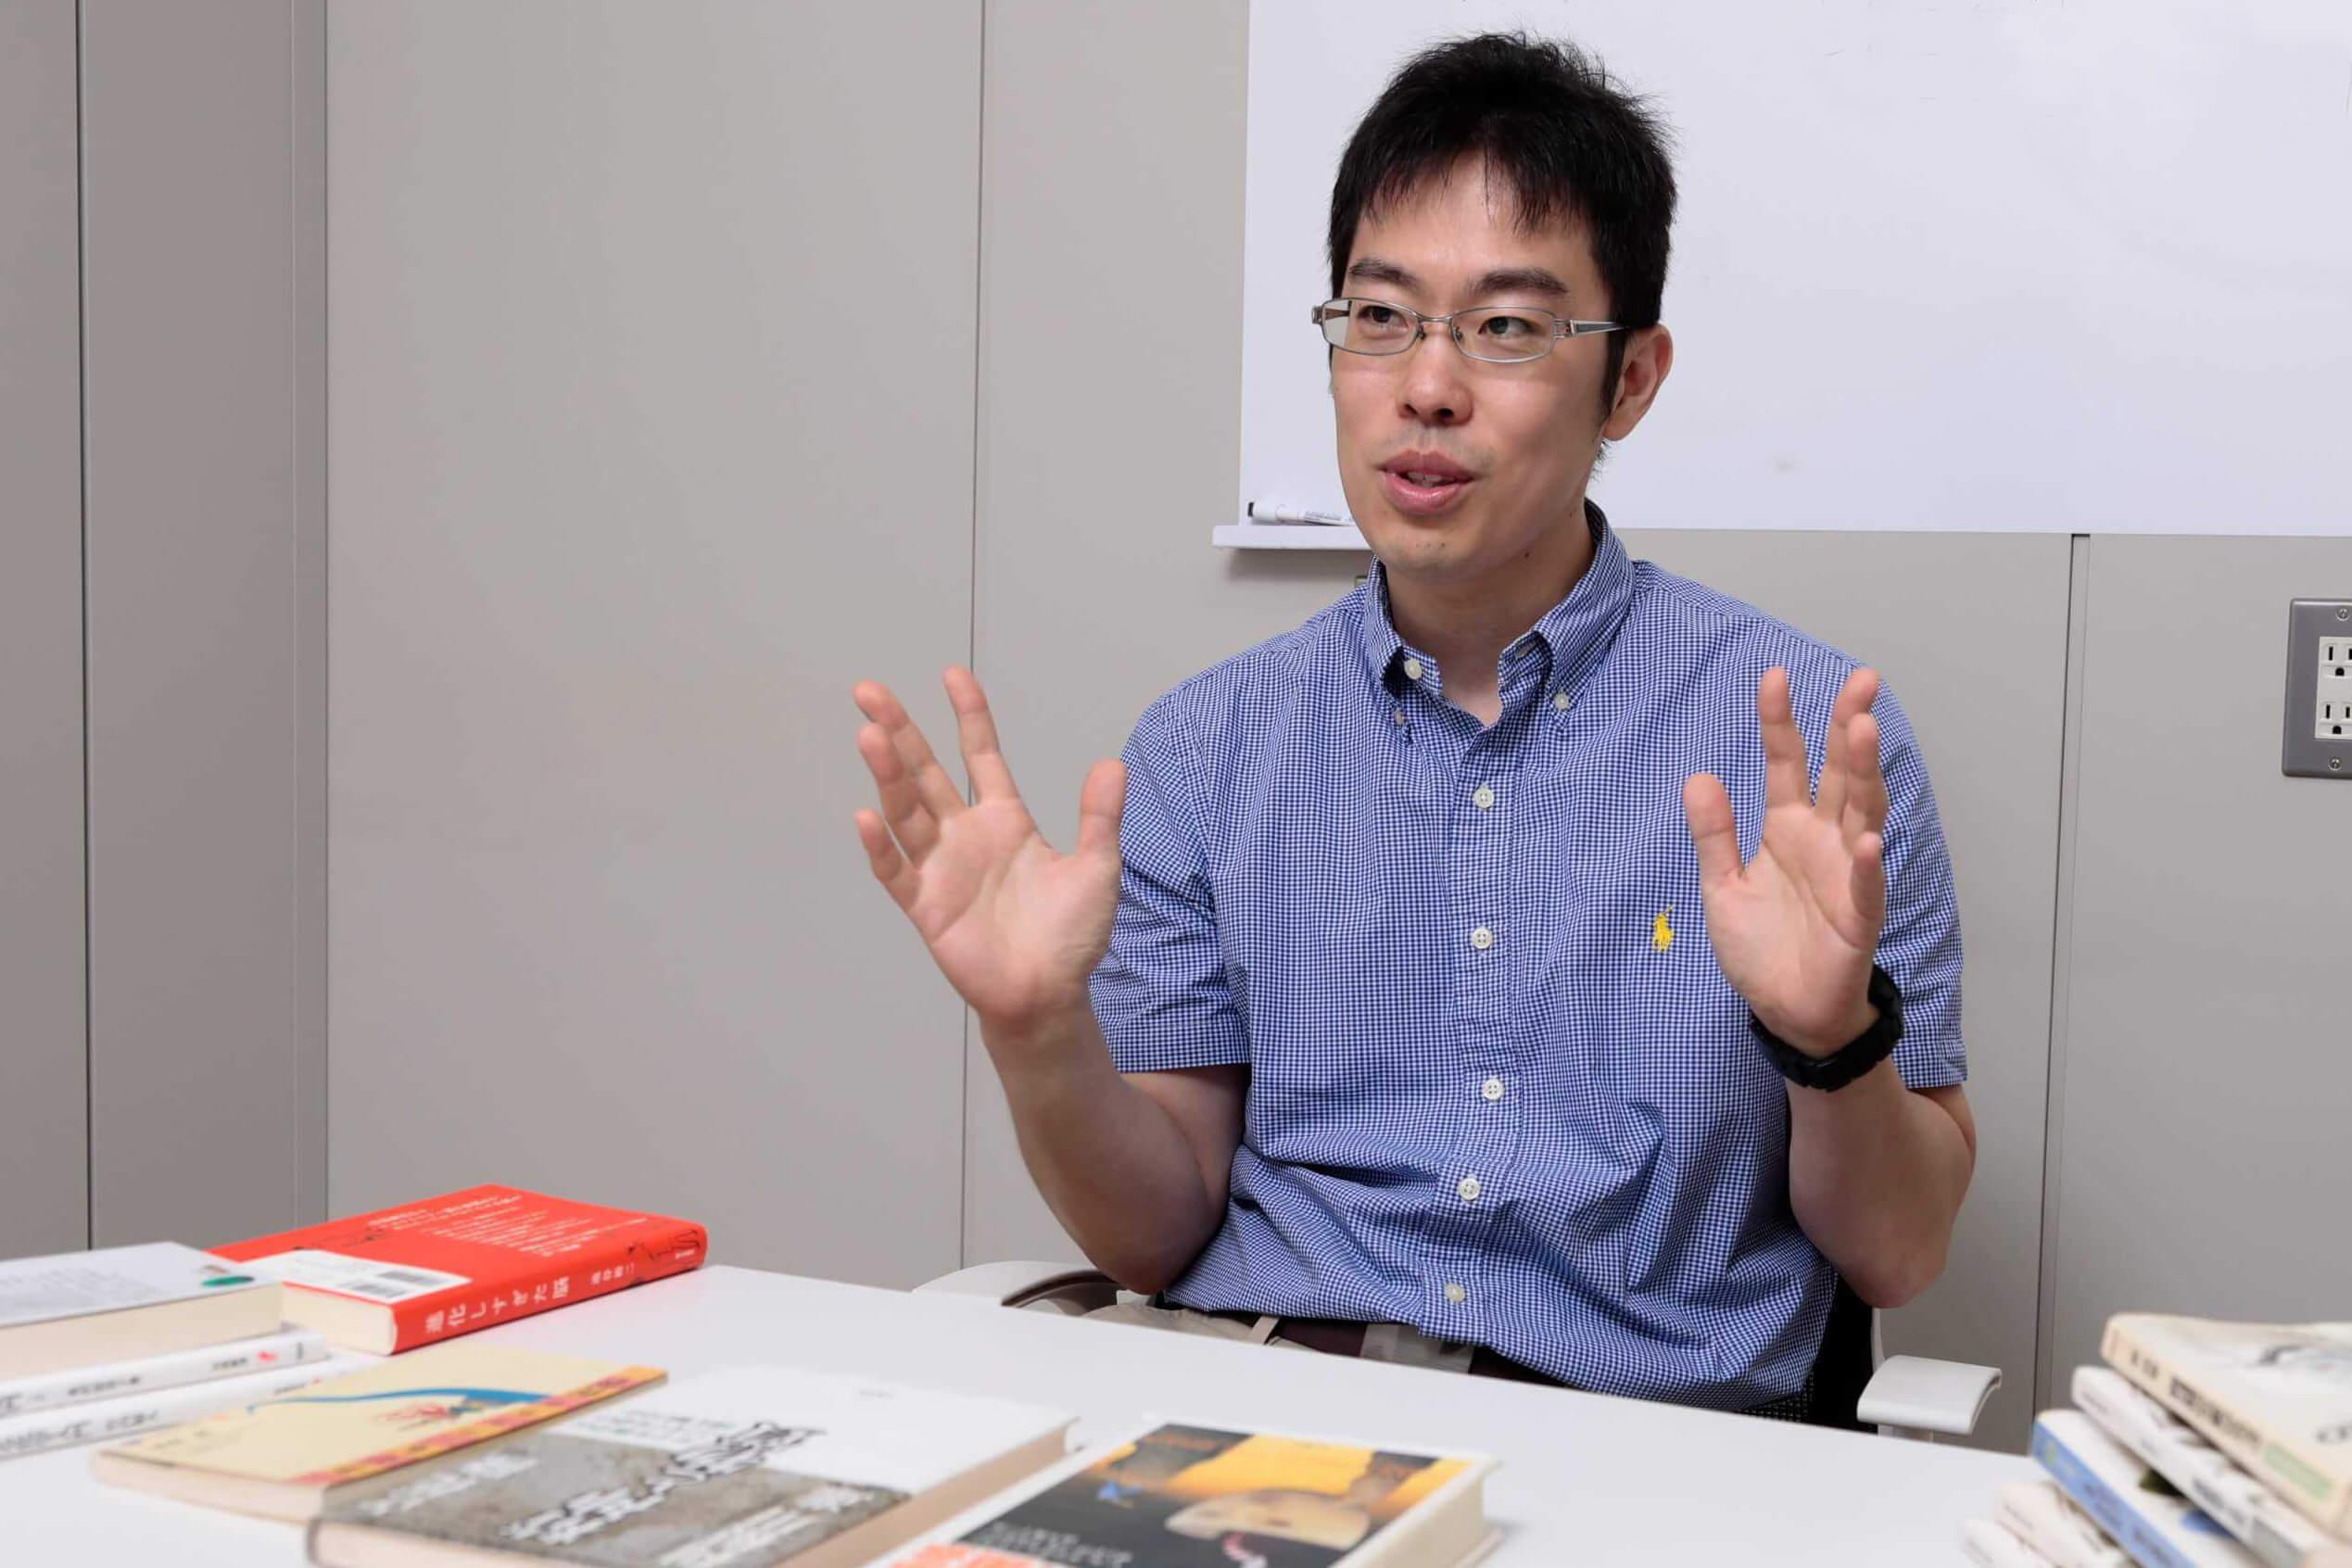 木村航博士の画像